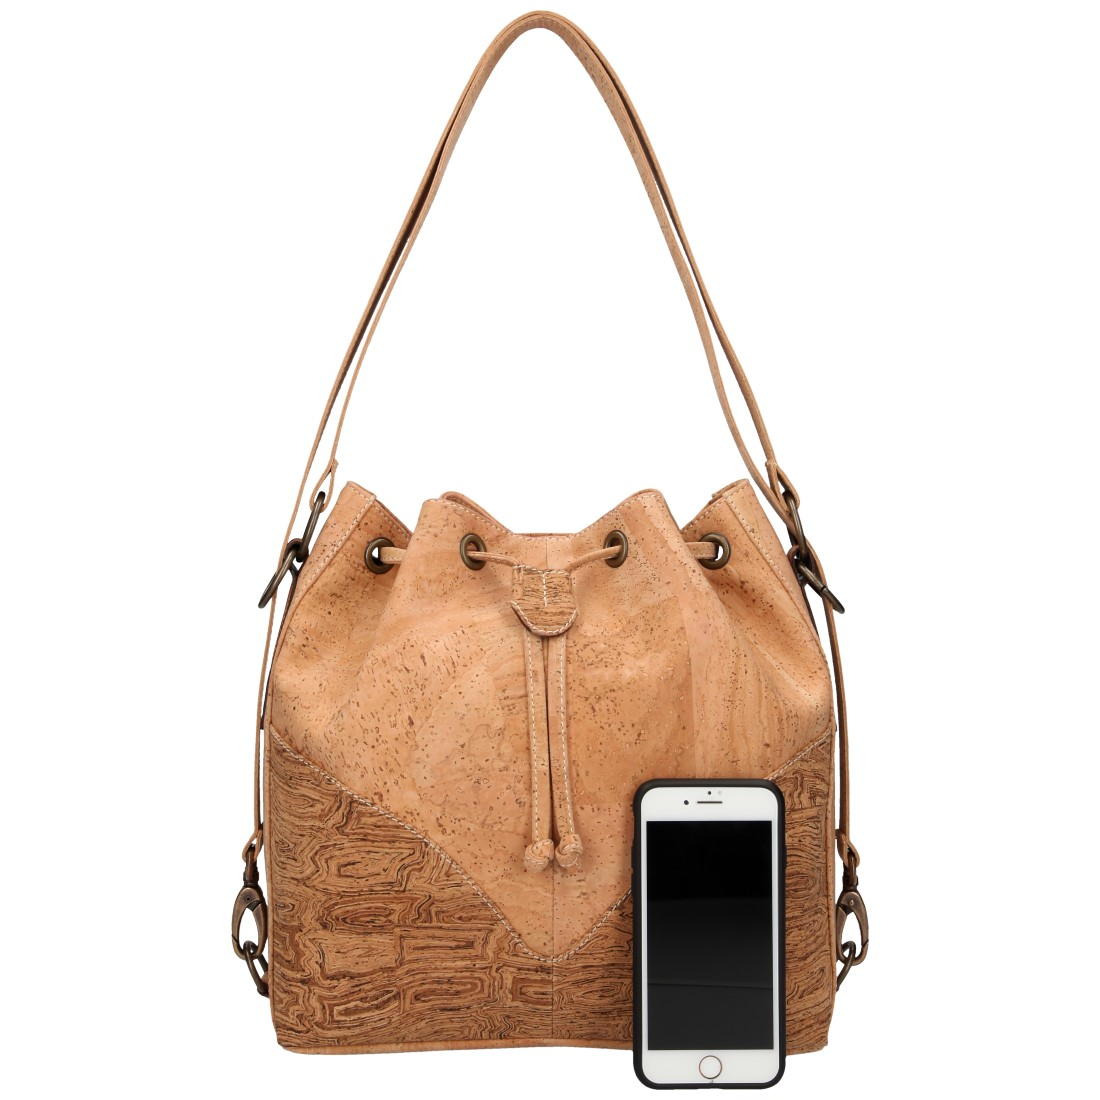 7da194cd72242 Korkové kabelky – přírodní design dřeva : NEWBERRY - velkoobchod ...